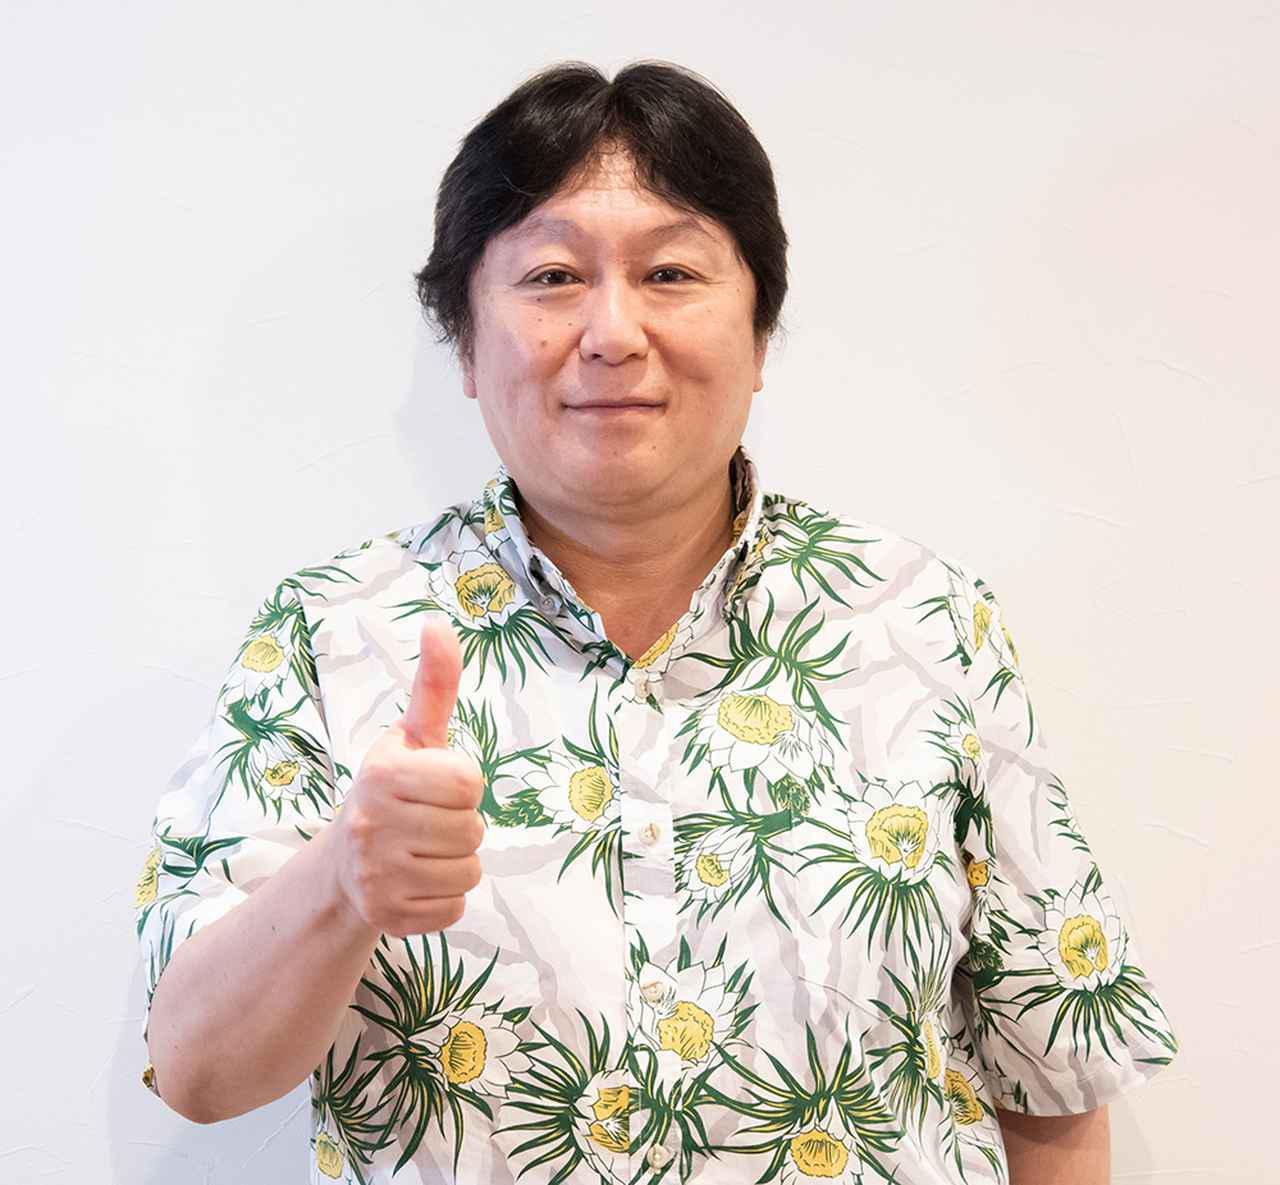 画像: 自宅の完成から1年、ようやくホームシアターで落ち着いて映画や音楽が楽しめることになり、川井さんも満足そう。最近はNetflixも契約し、配信のドラマ作品なども大画面&サラウンドで楽しんでいるとのこと